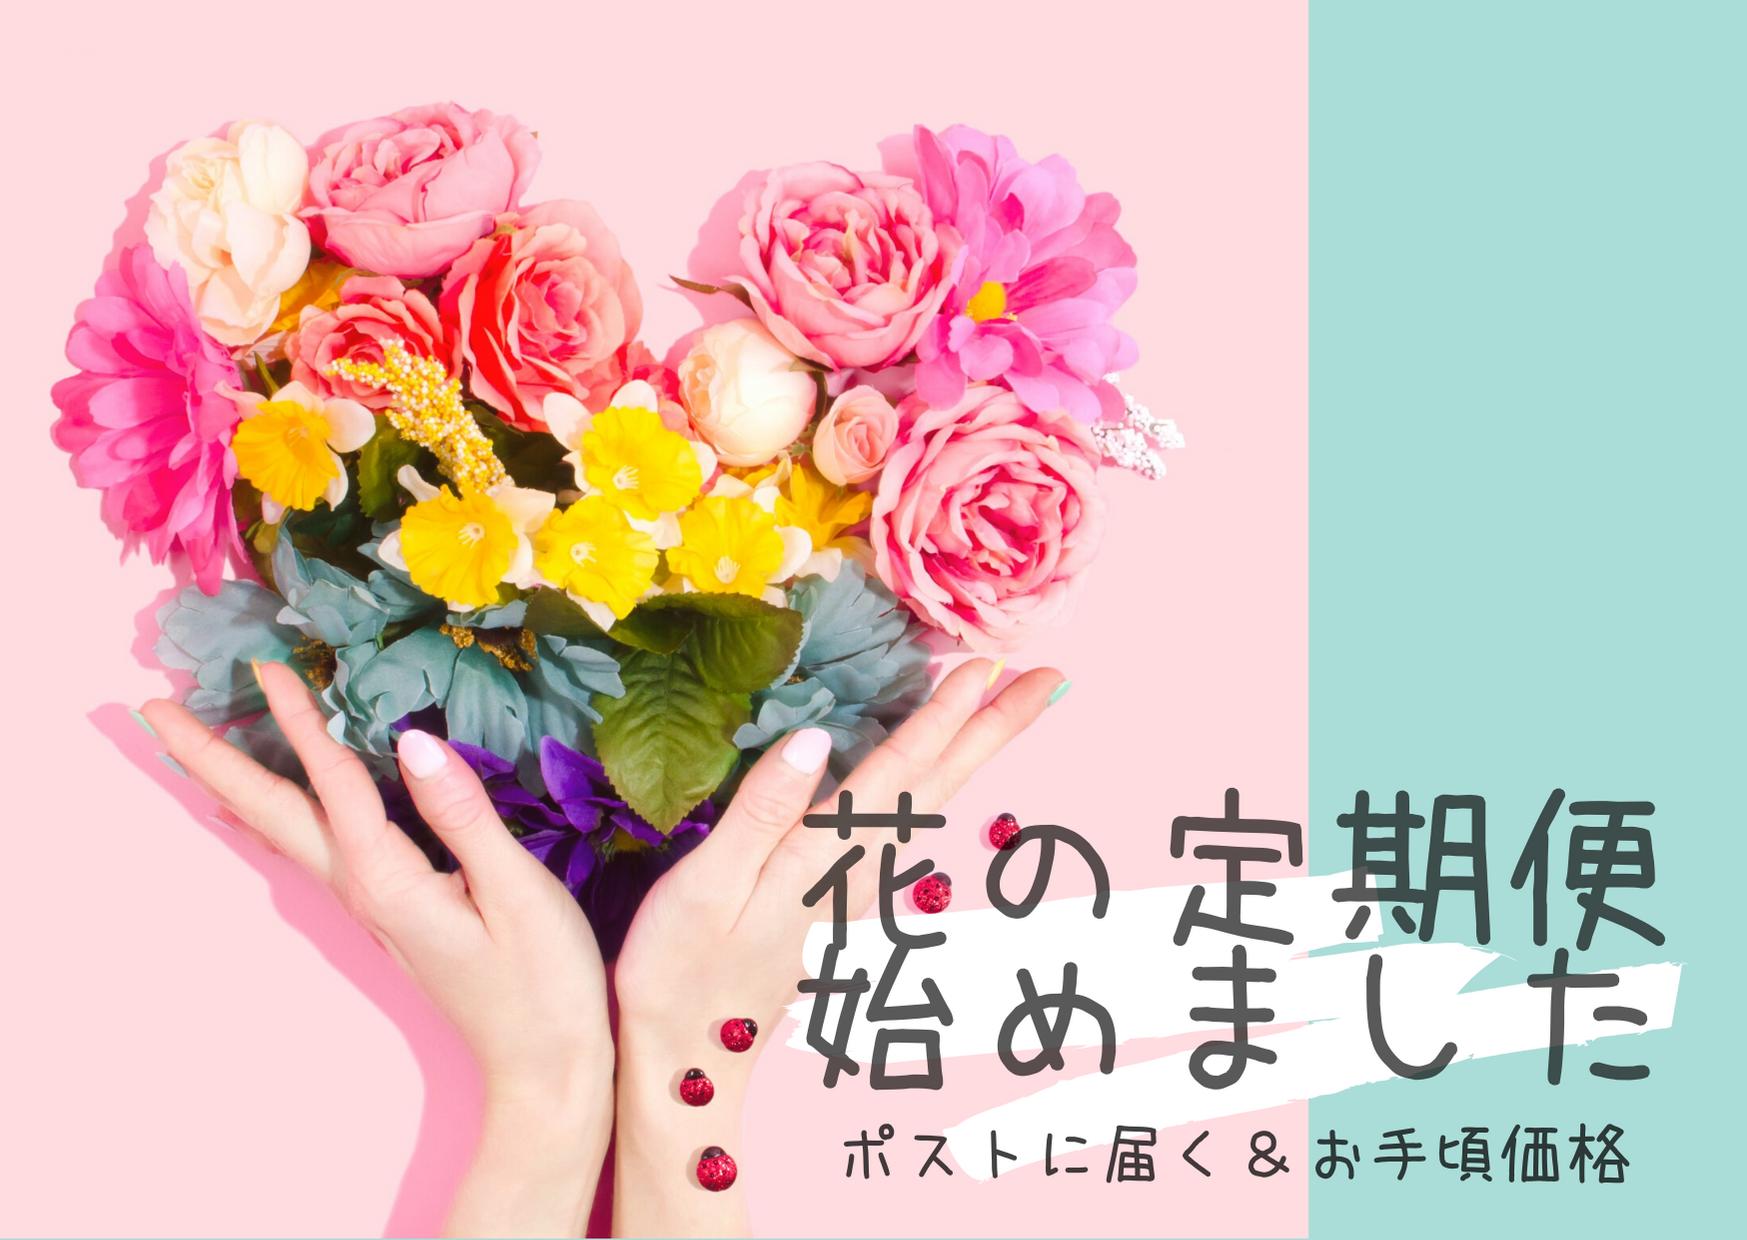 花の定期便ブログアイキャッチ